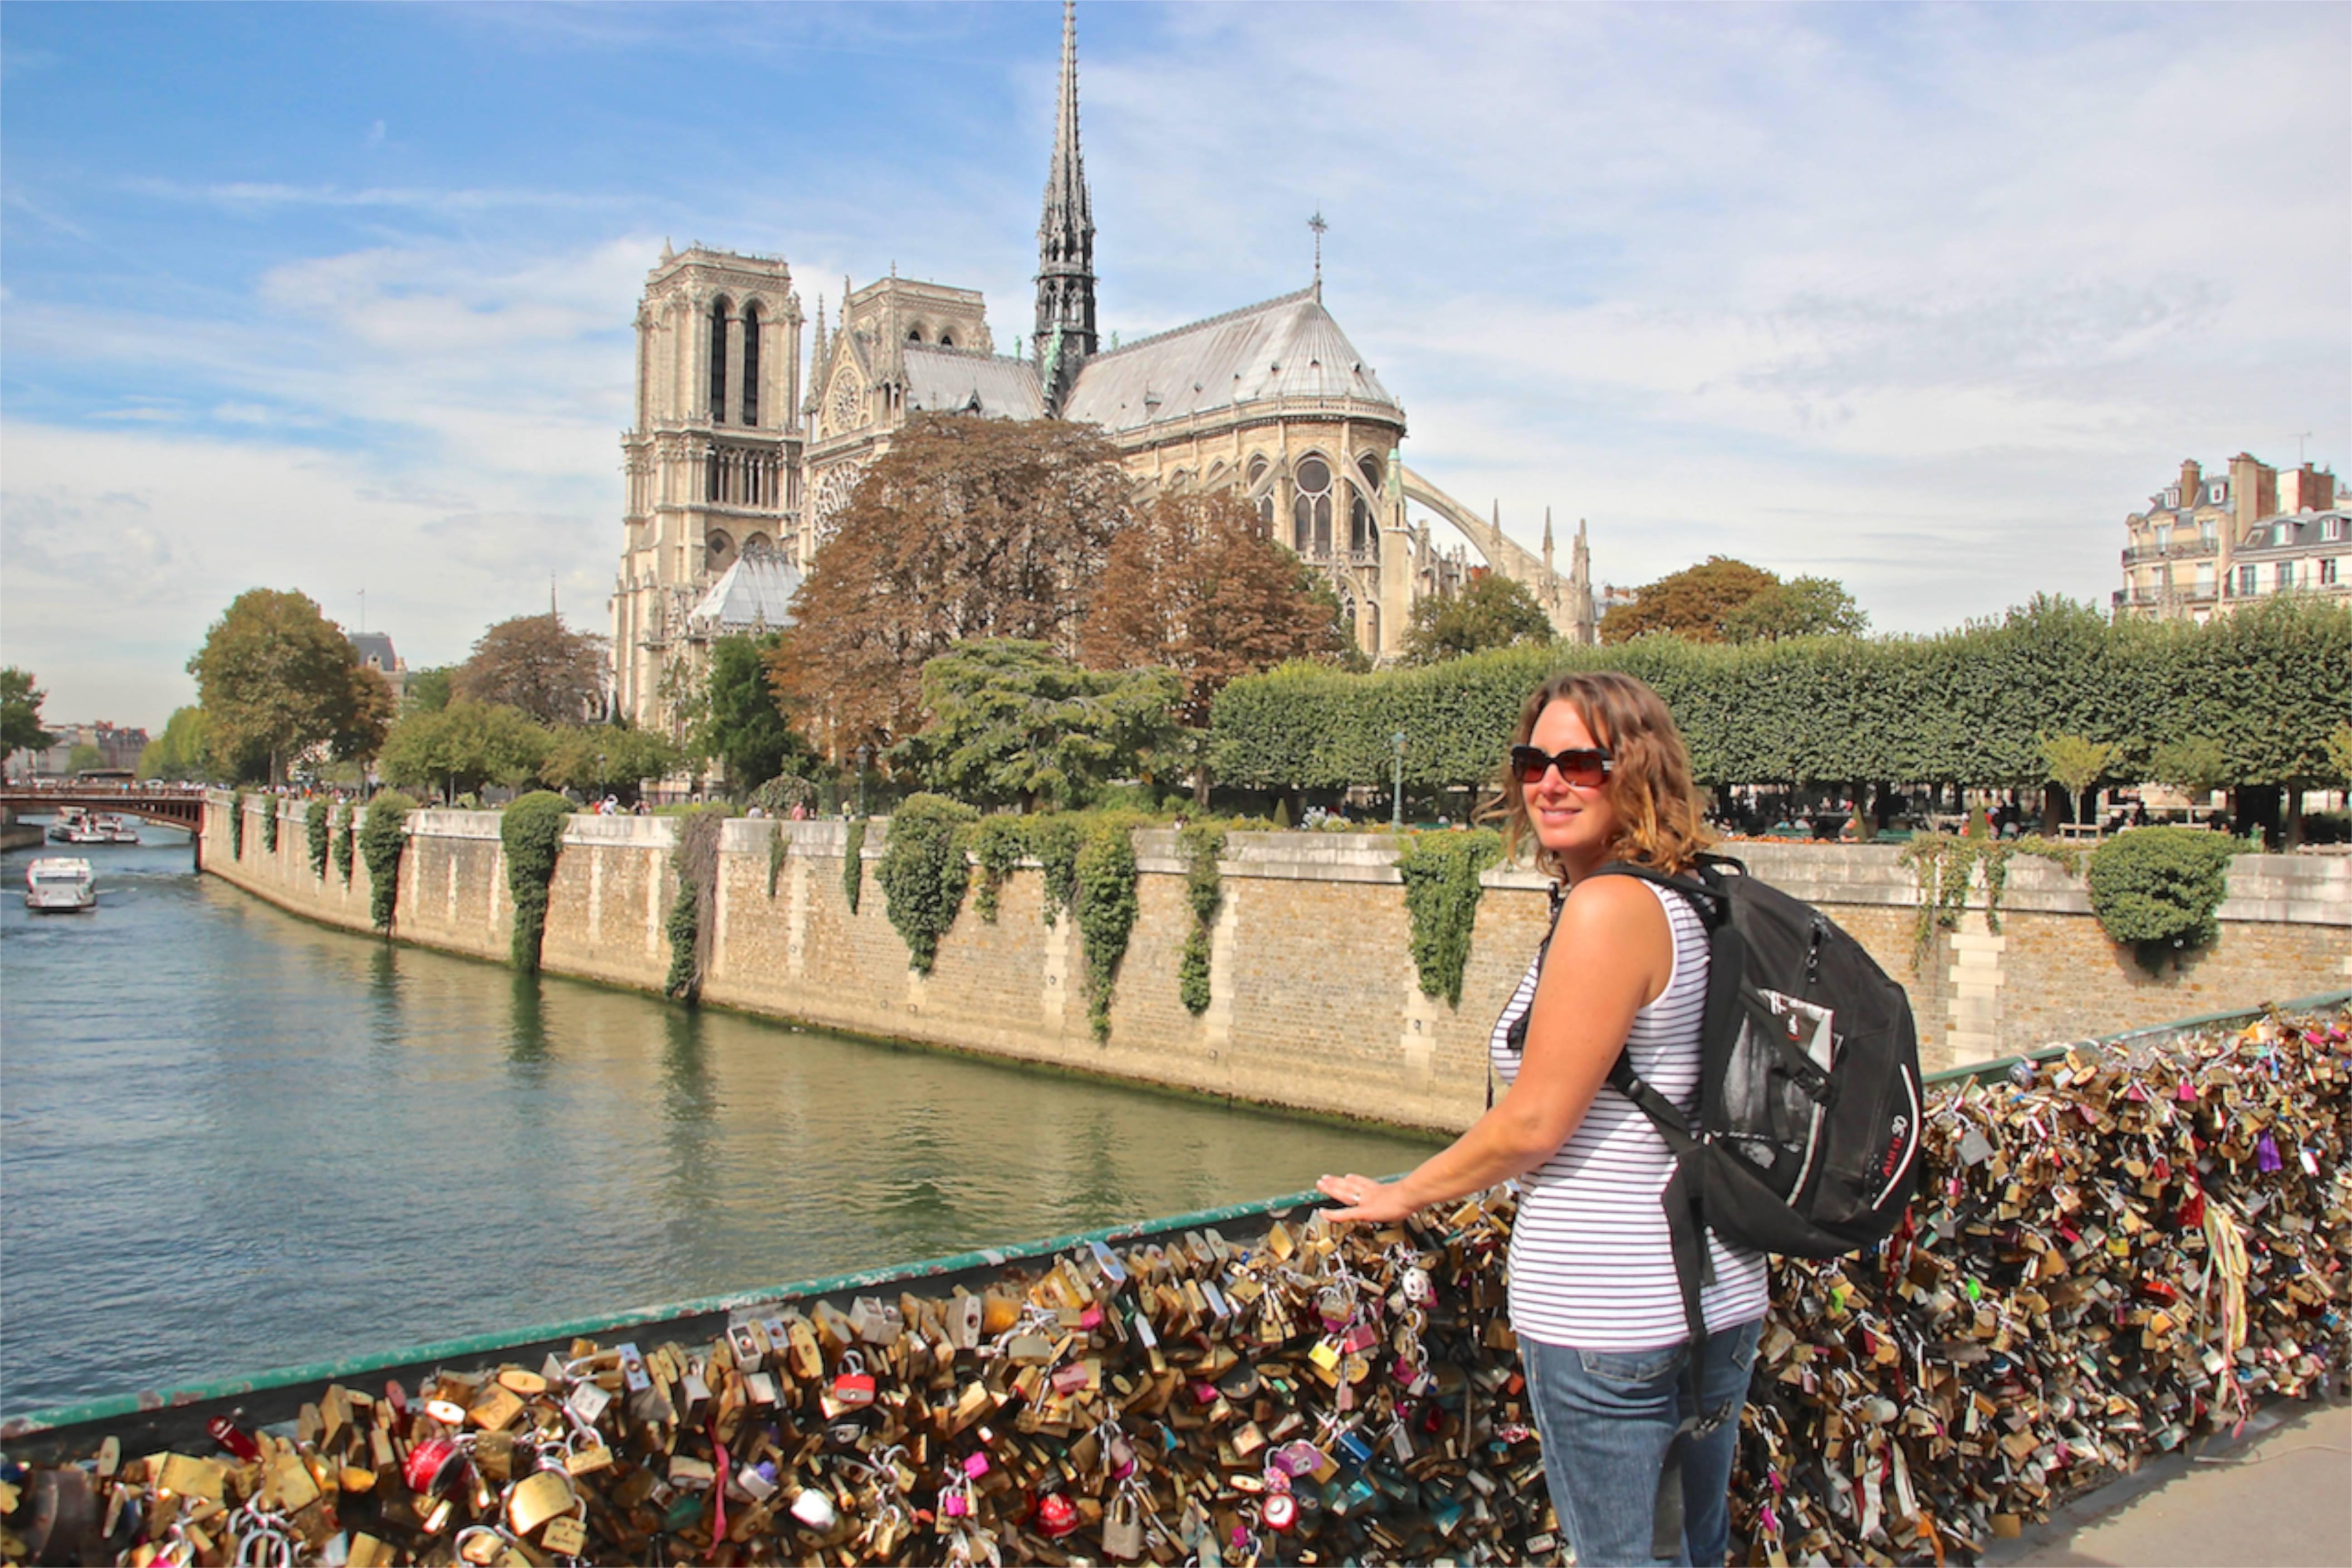 Lock love bridge Paris